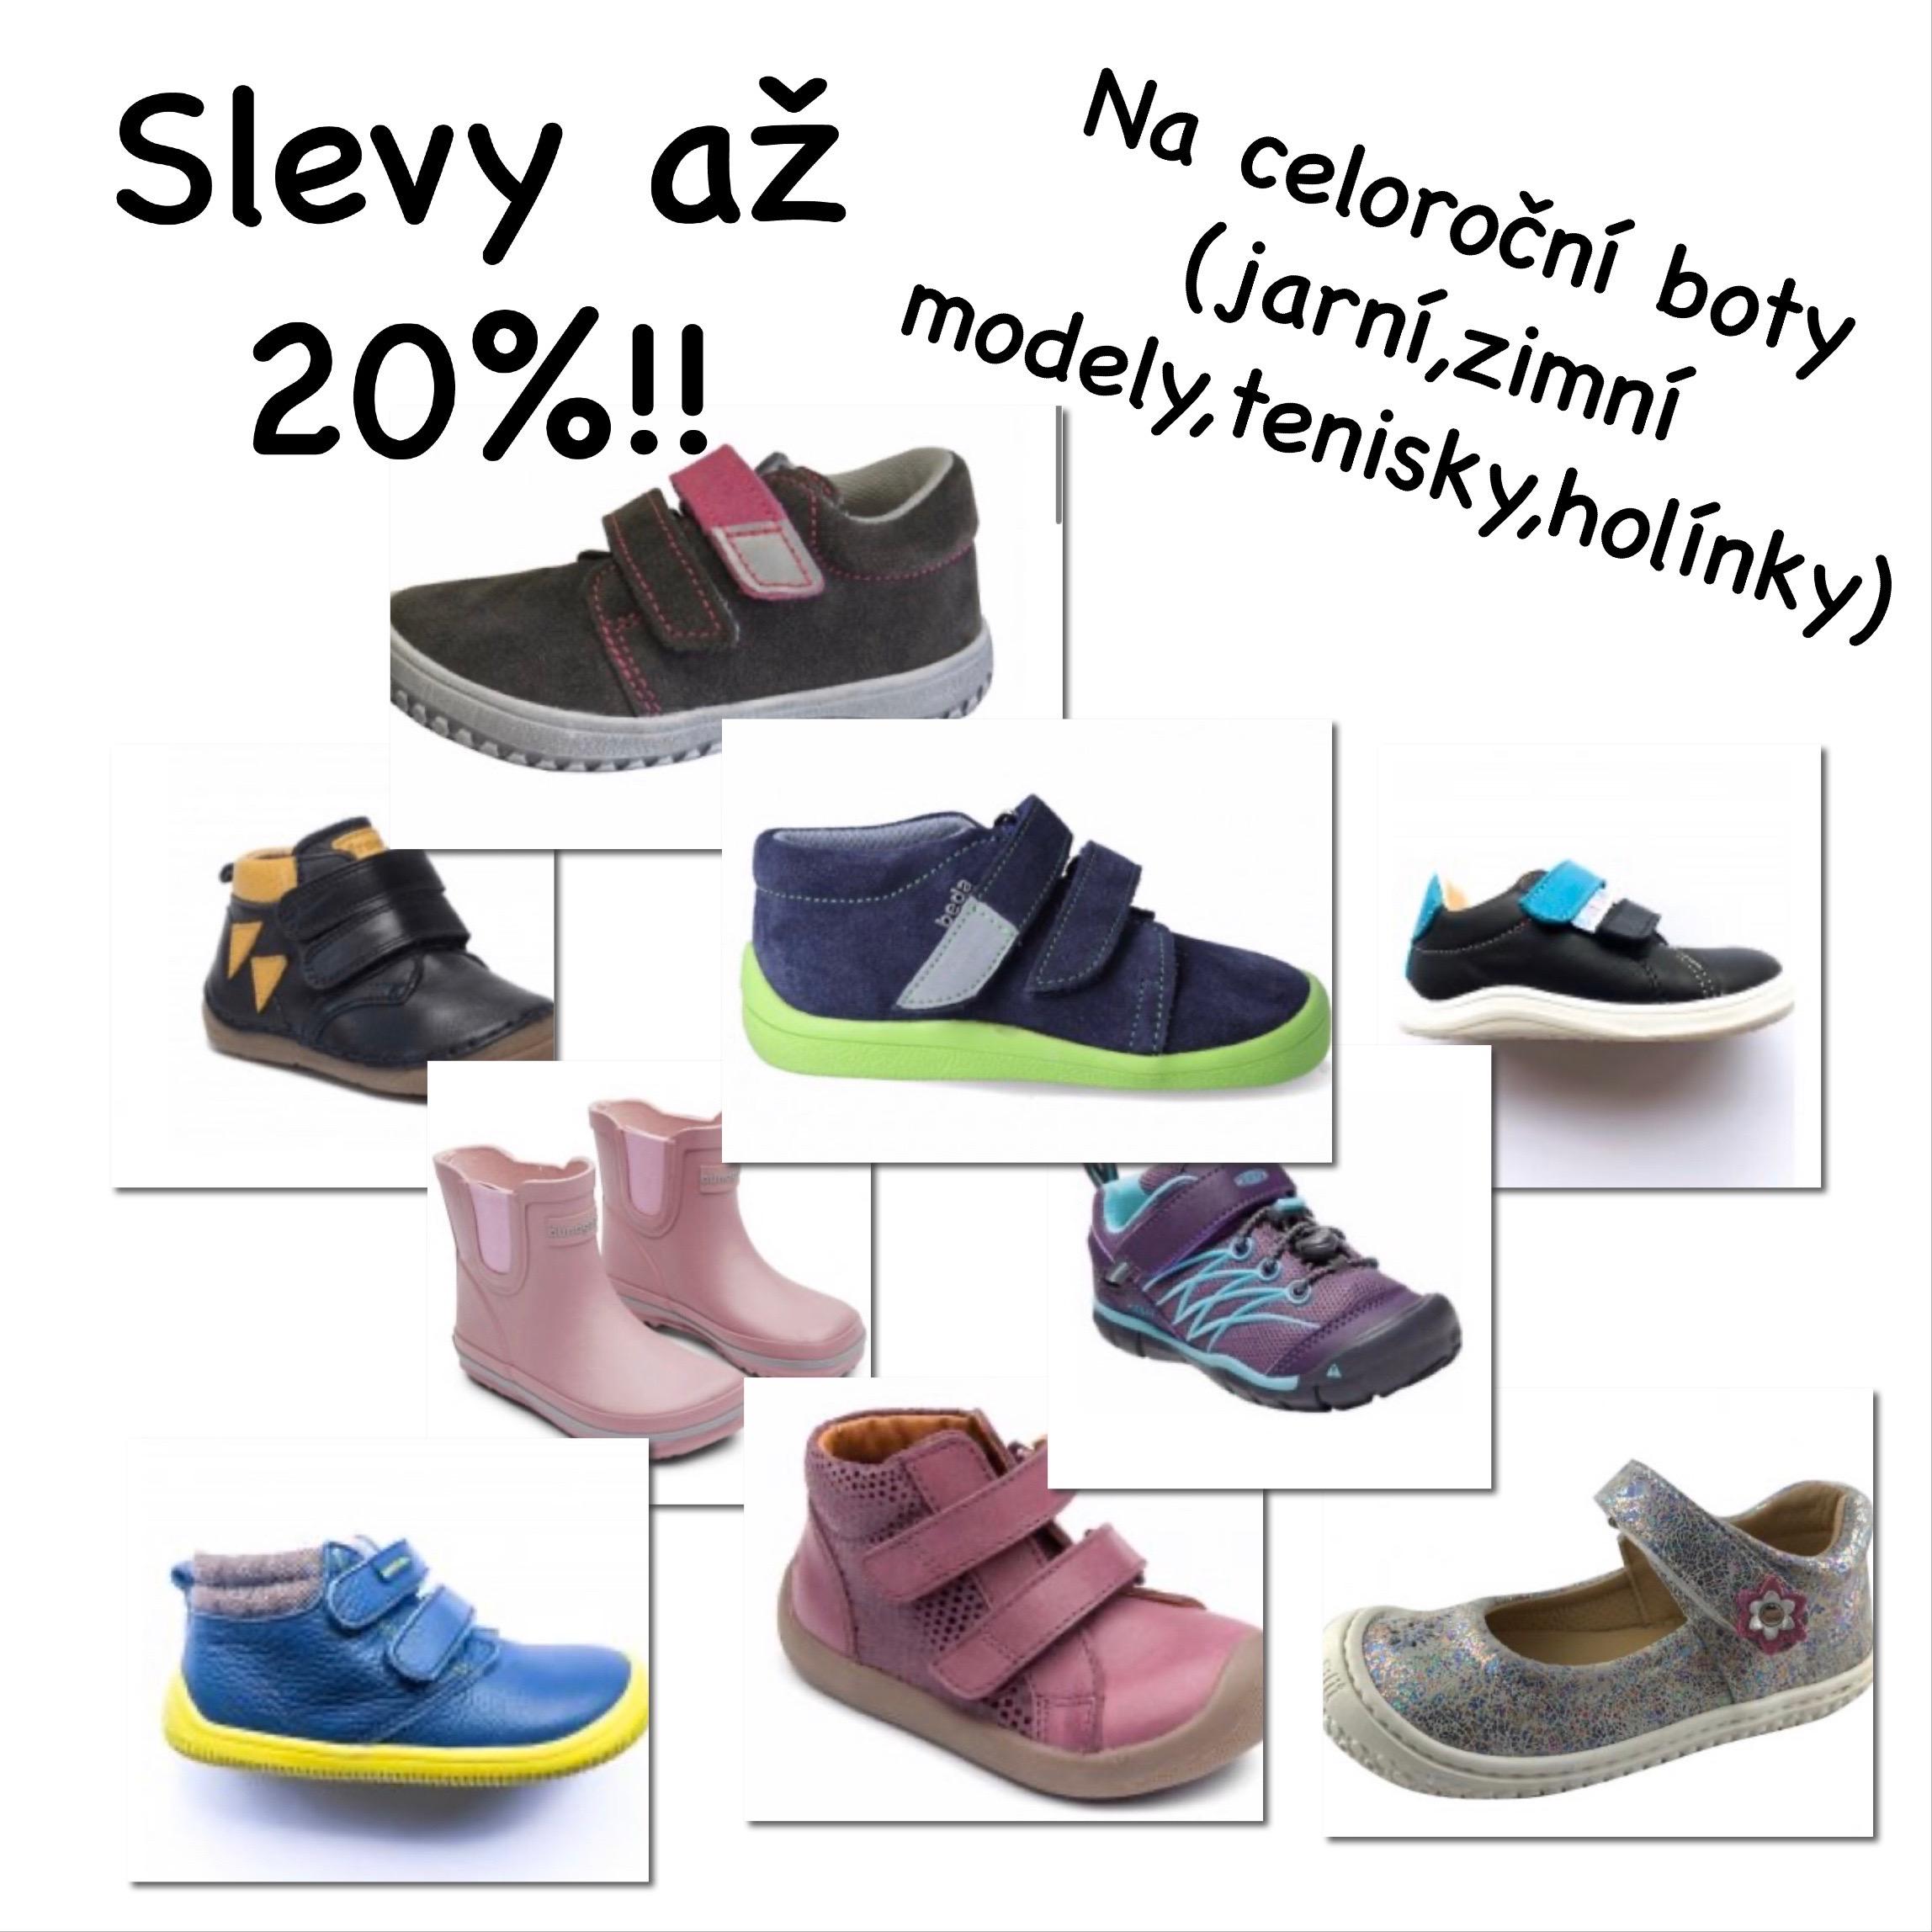 Slevy až 20% na celoroční dětské boty